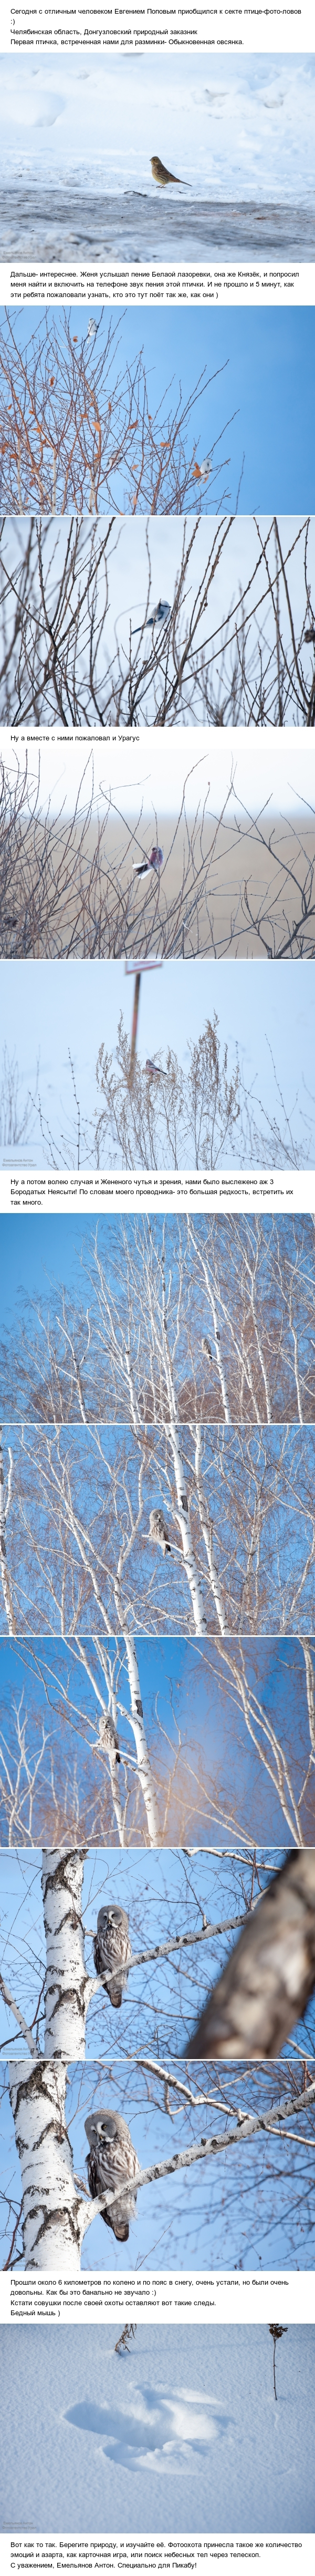 О том, как я за птицами охотился! Птицы, Челябинская область, Фото, Фотоохота, Природа России, Природа, Длиннопост